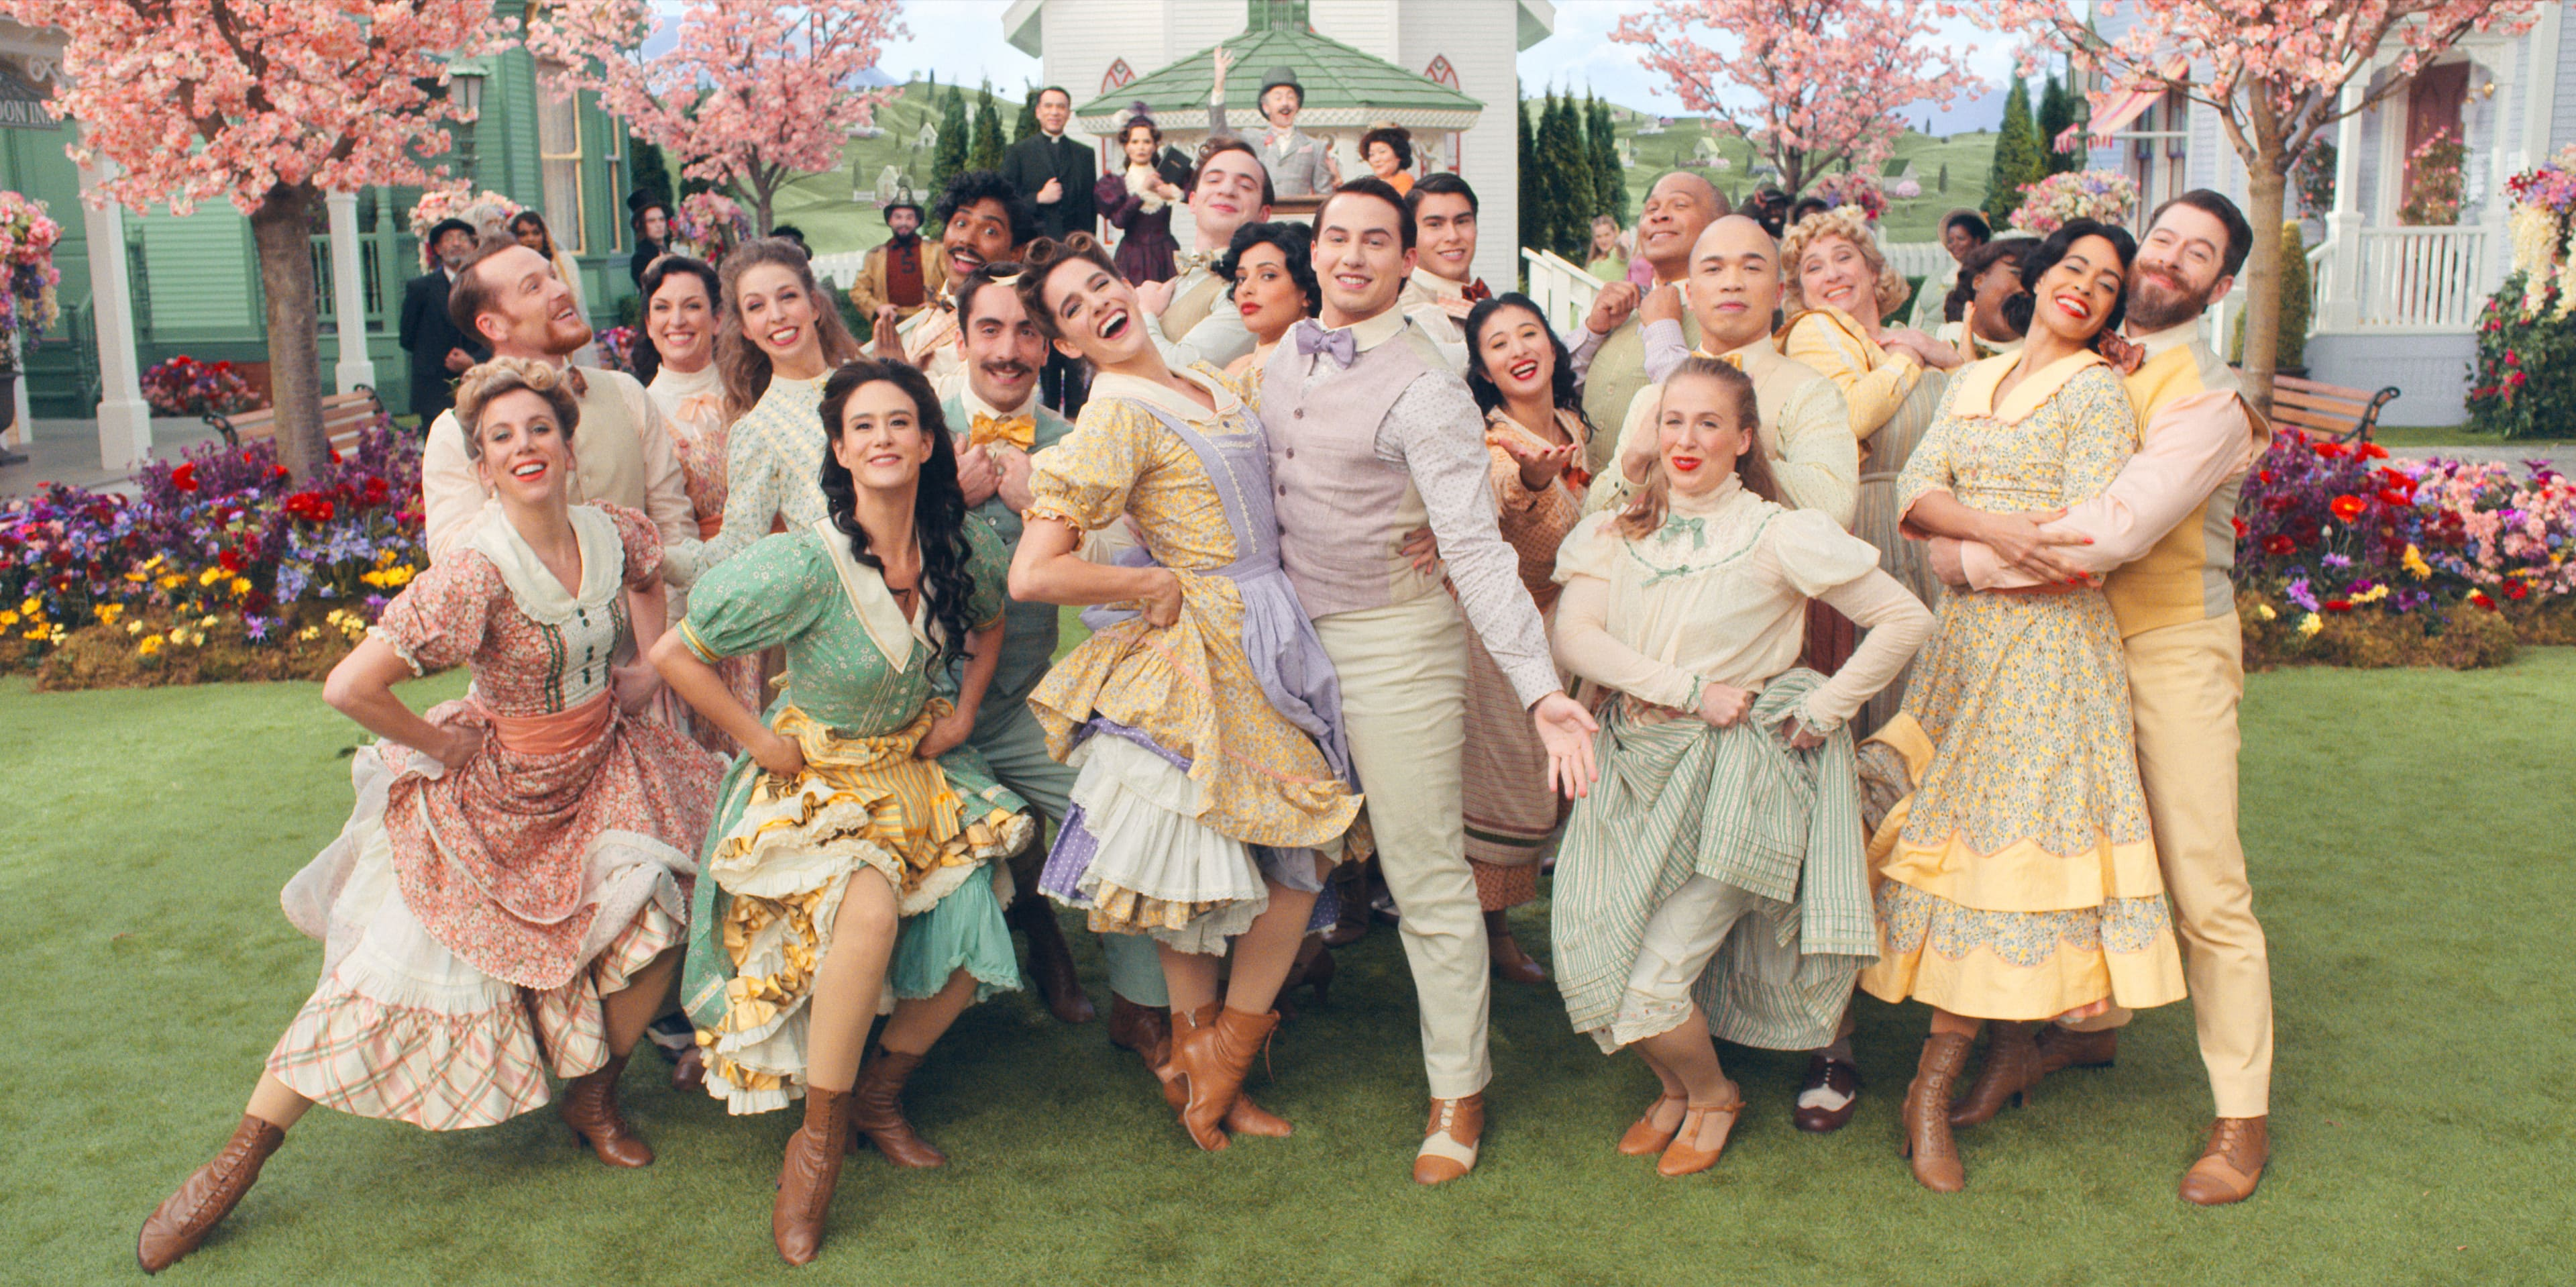 Llegada al Apple TV + el musical Schmigadoon! -